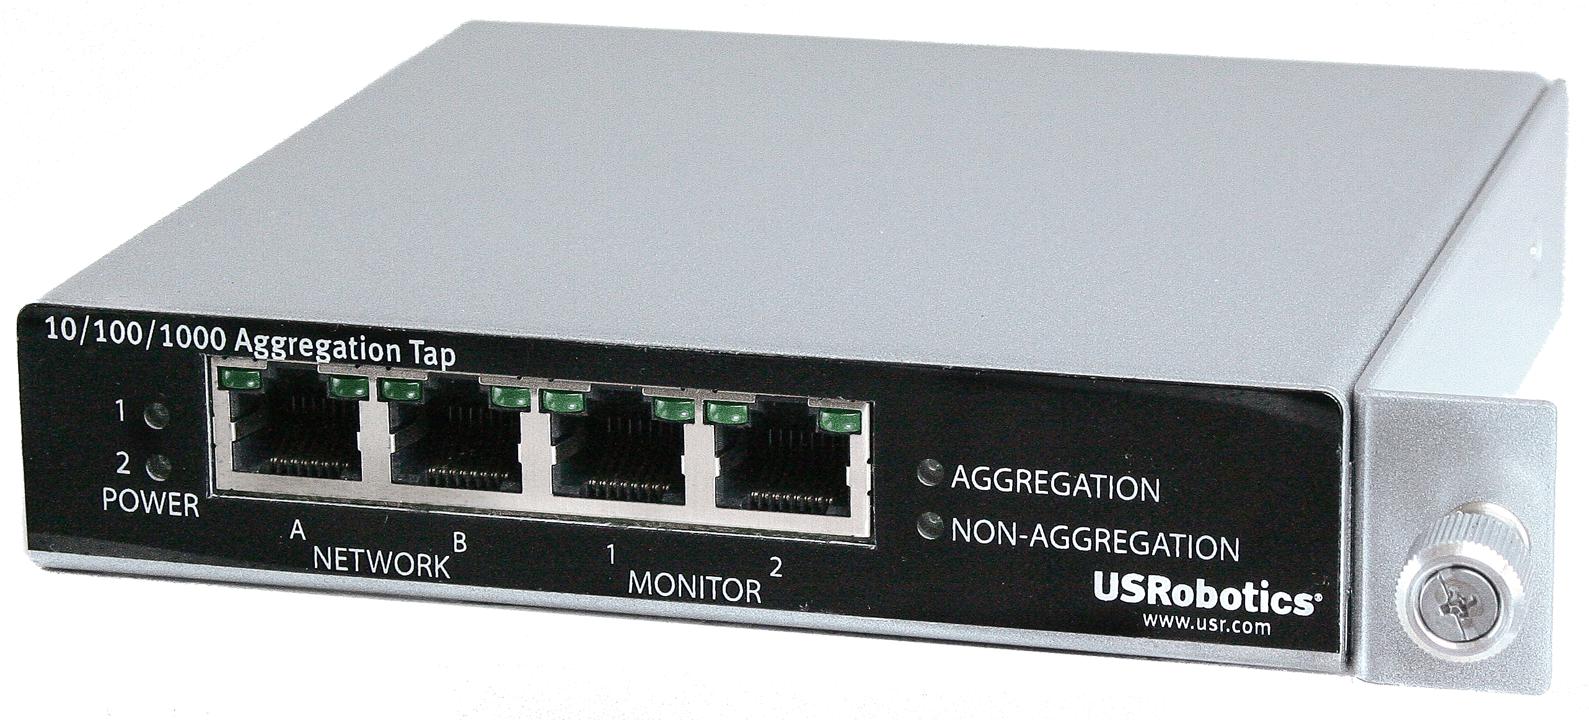 Usr Network Taps